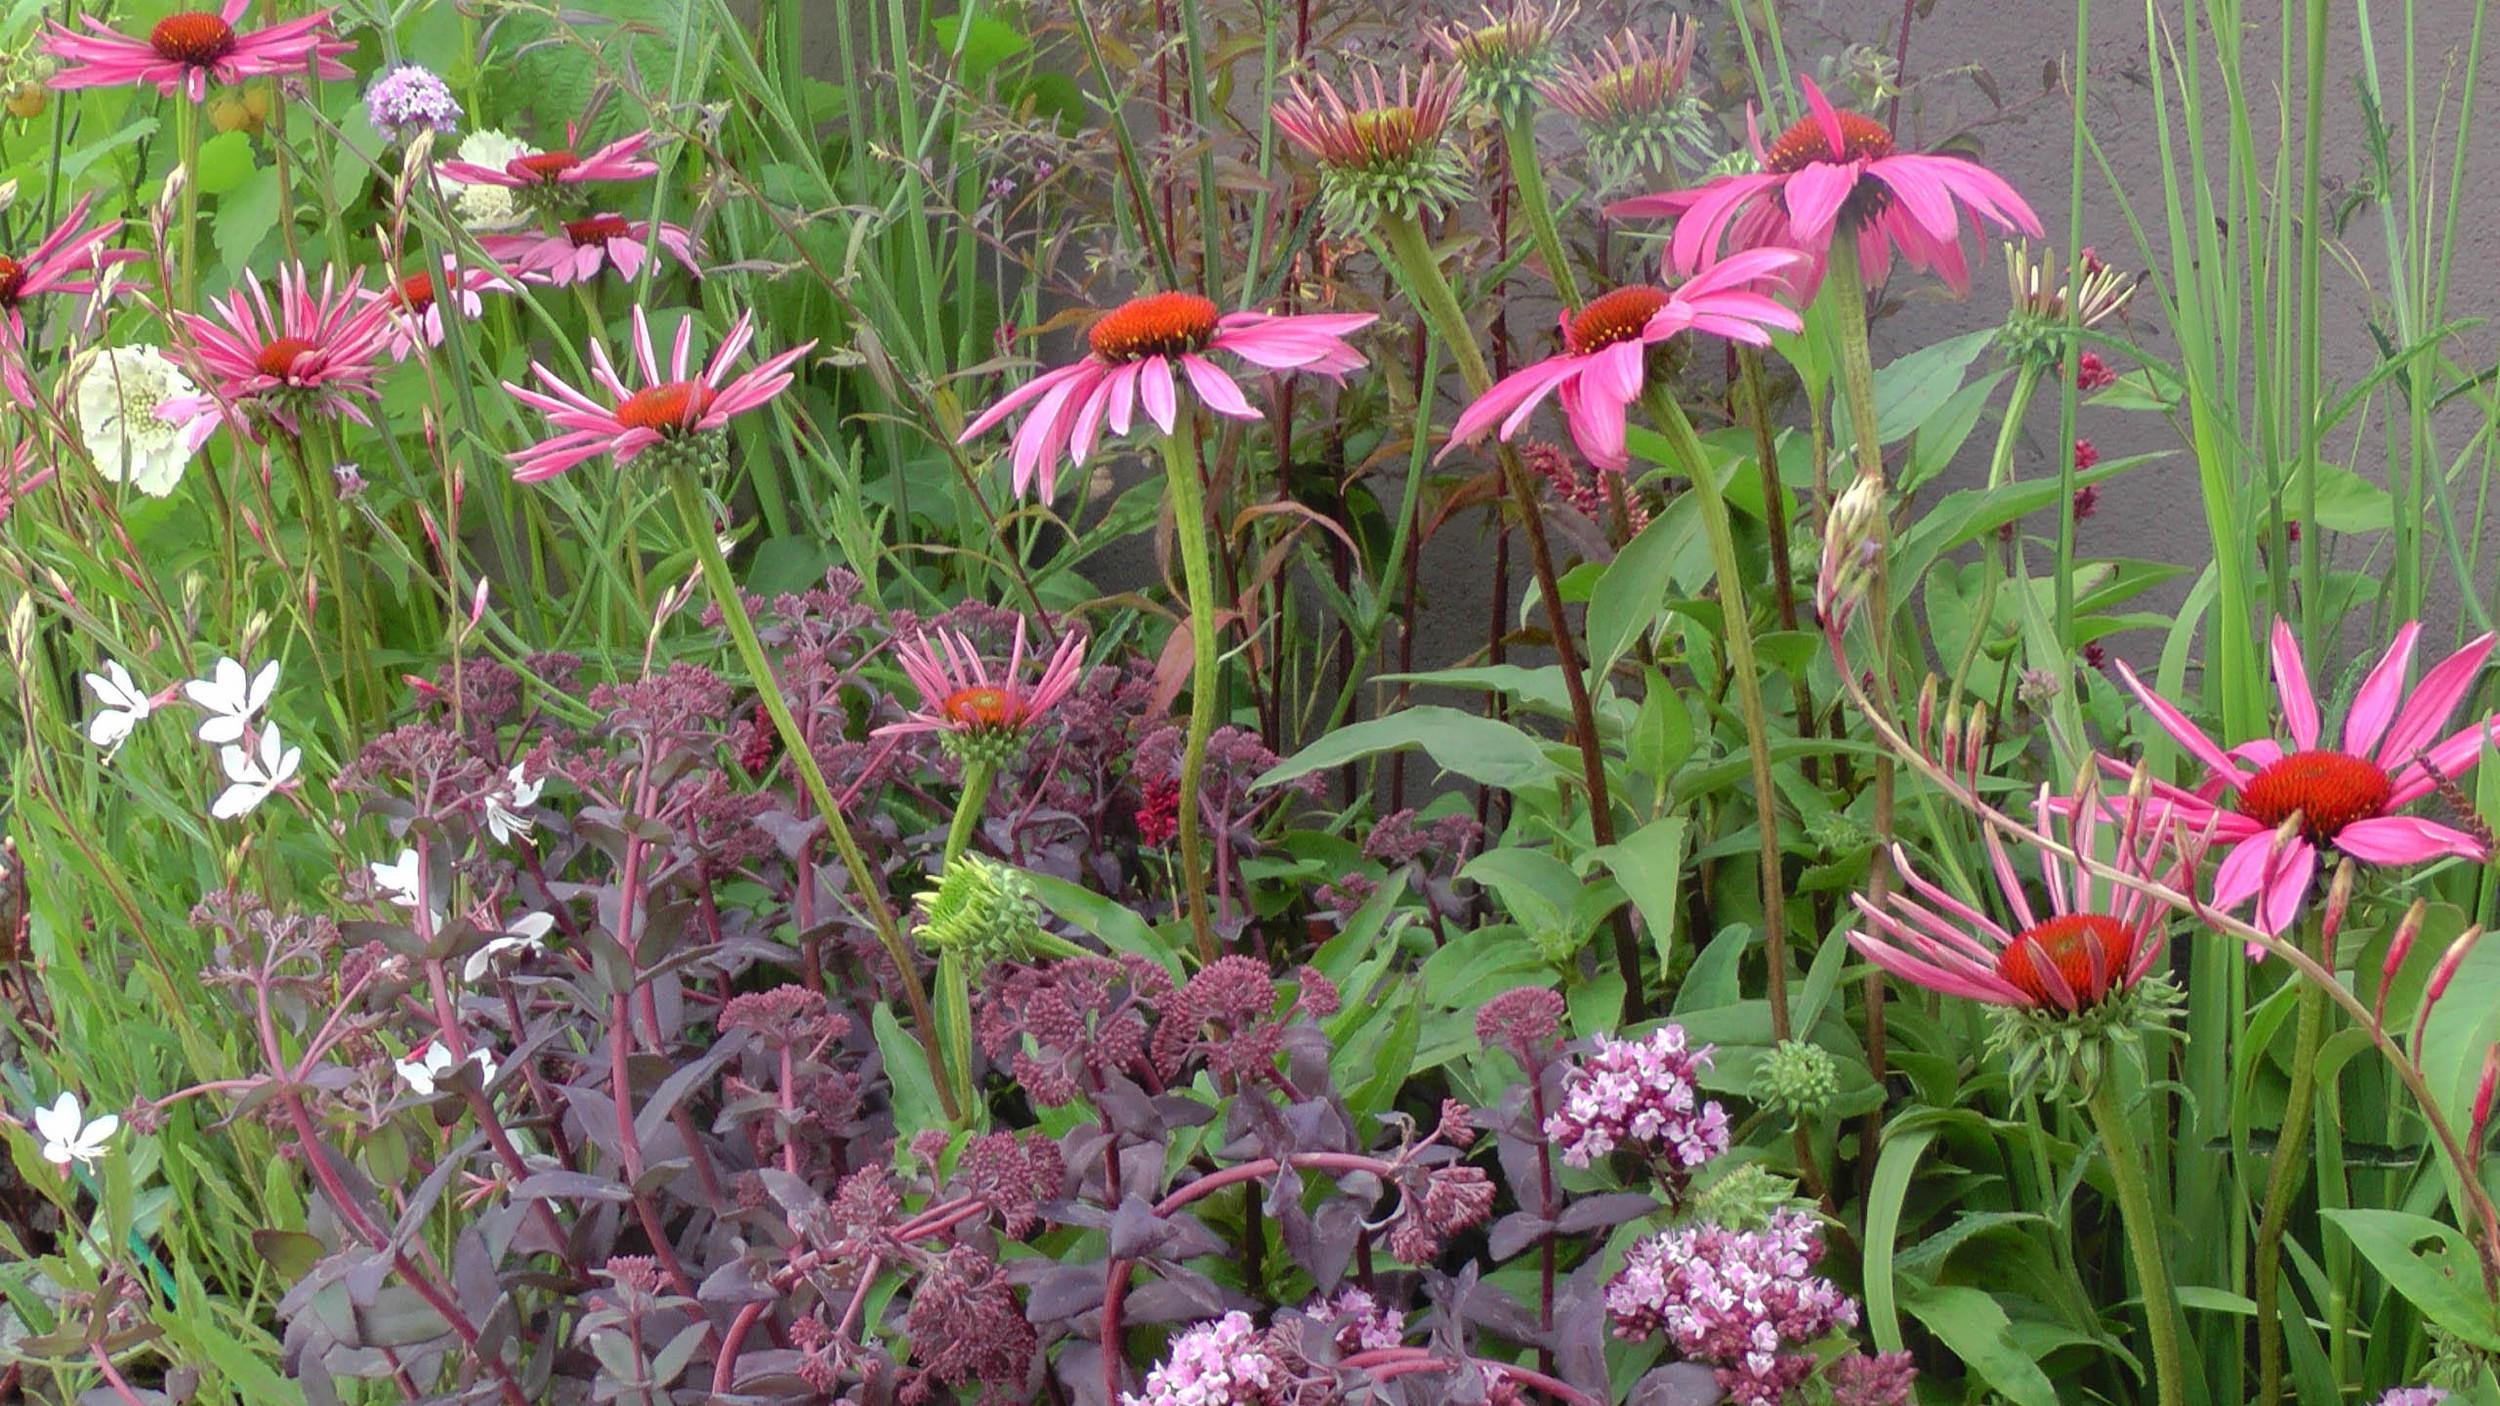 Cheshire Garden Design: RHS Tatton Flower Show 'Precious Resources Garden': Raised border with perennial planting